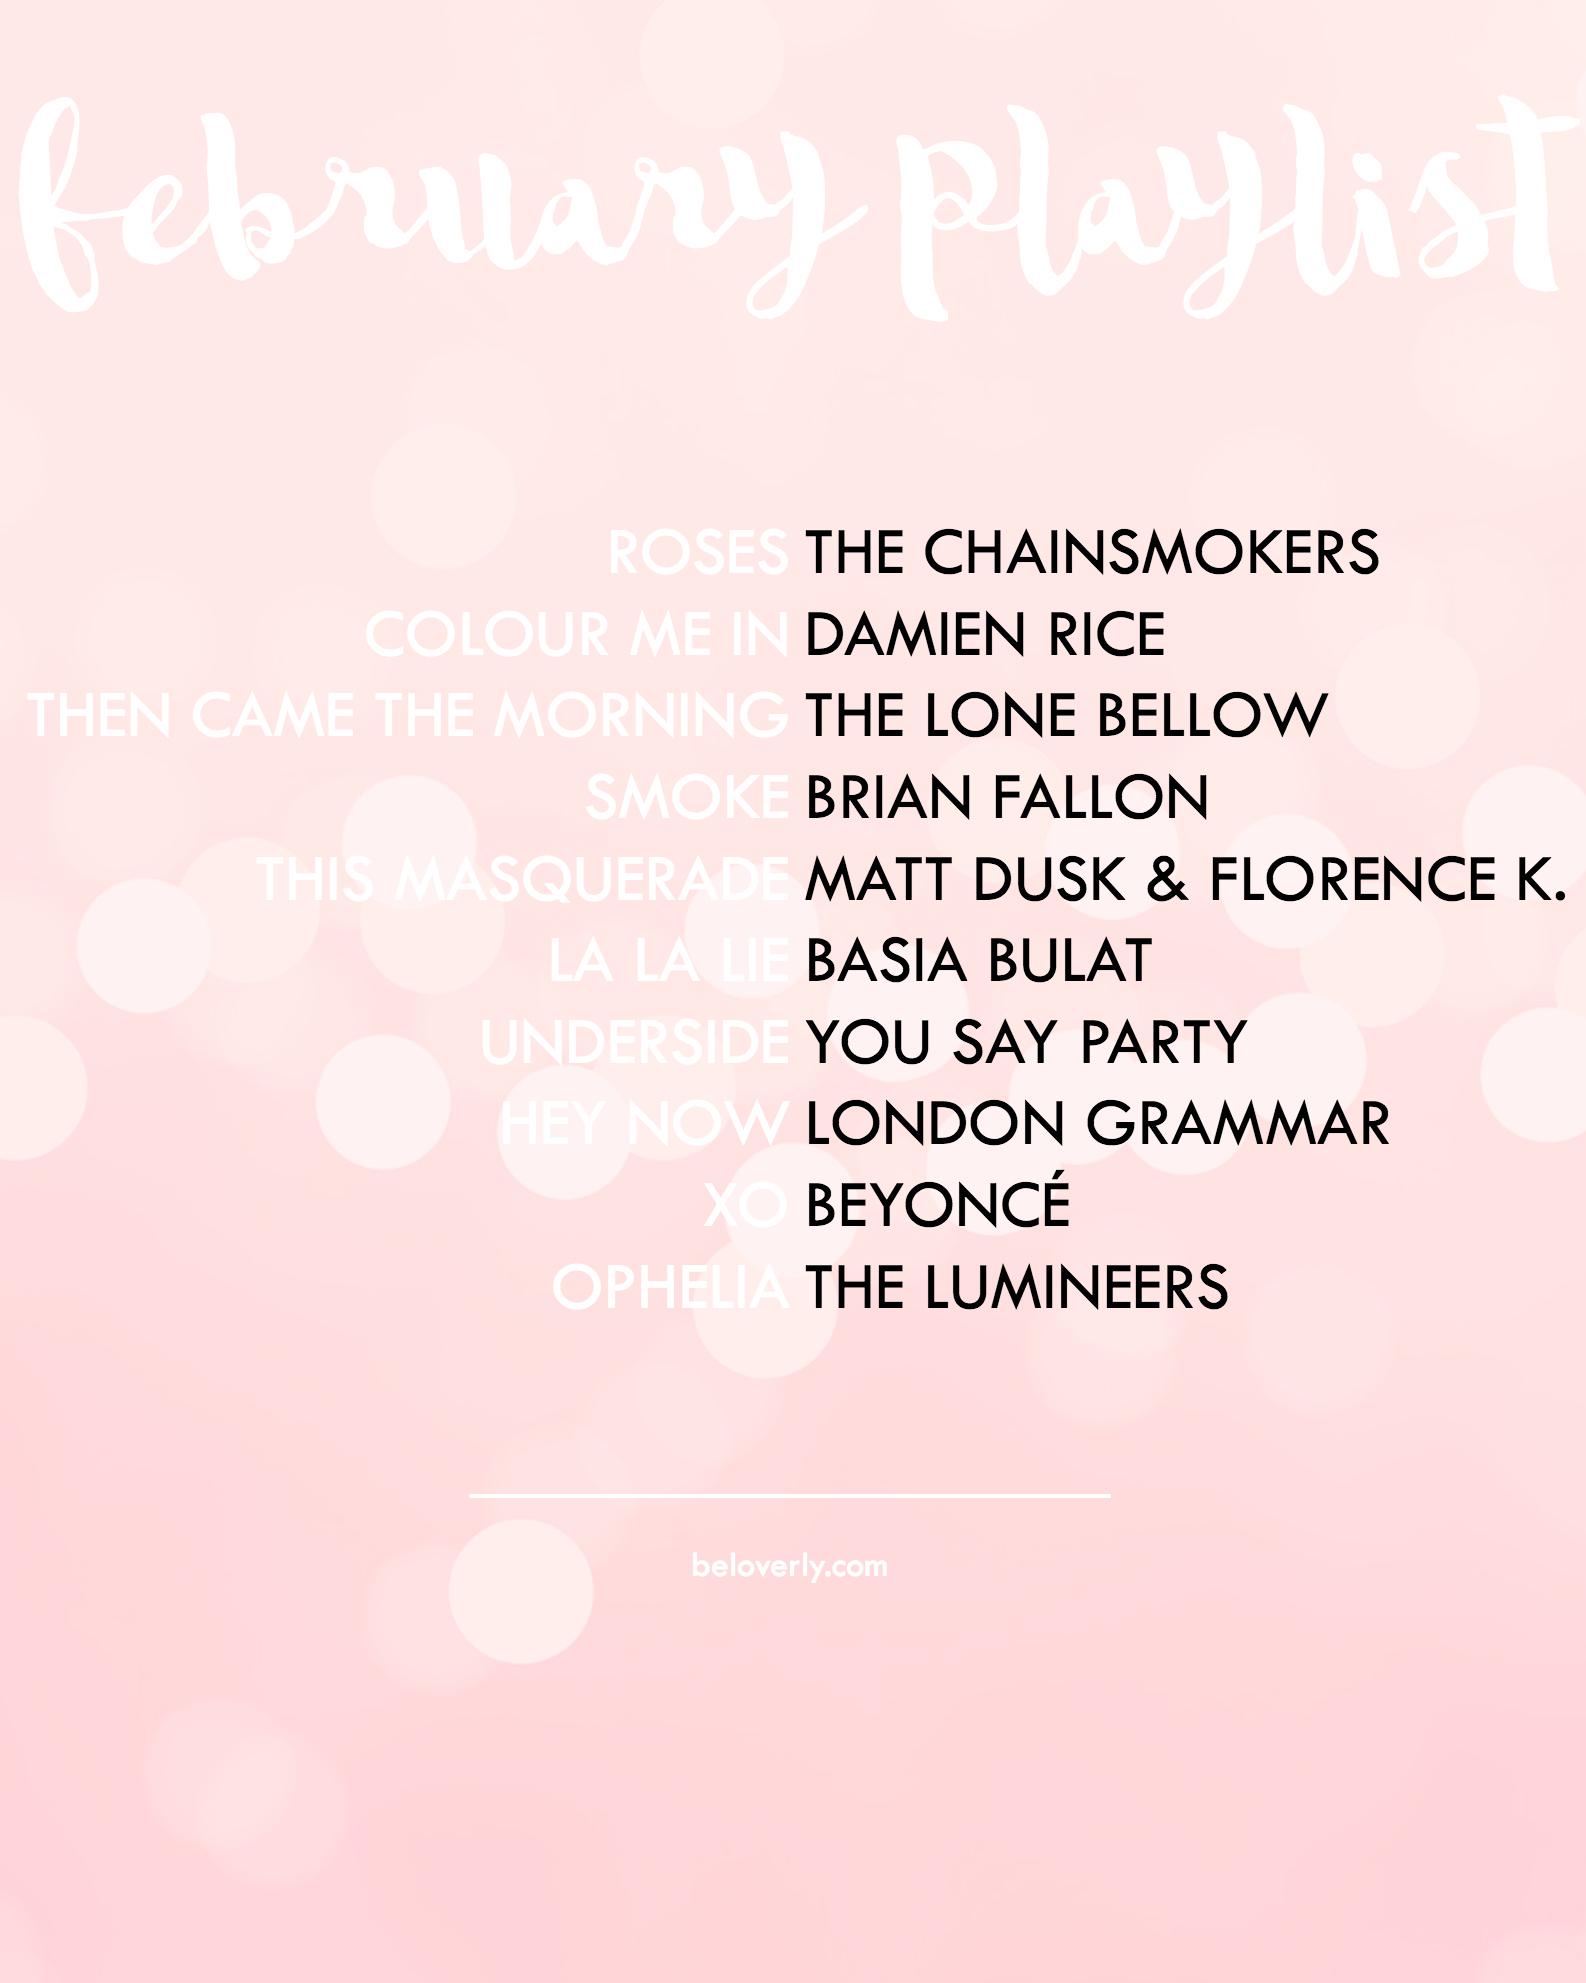 februaryplaylist2016